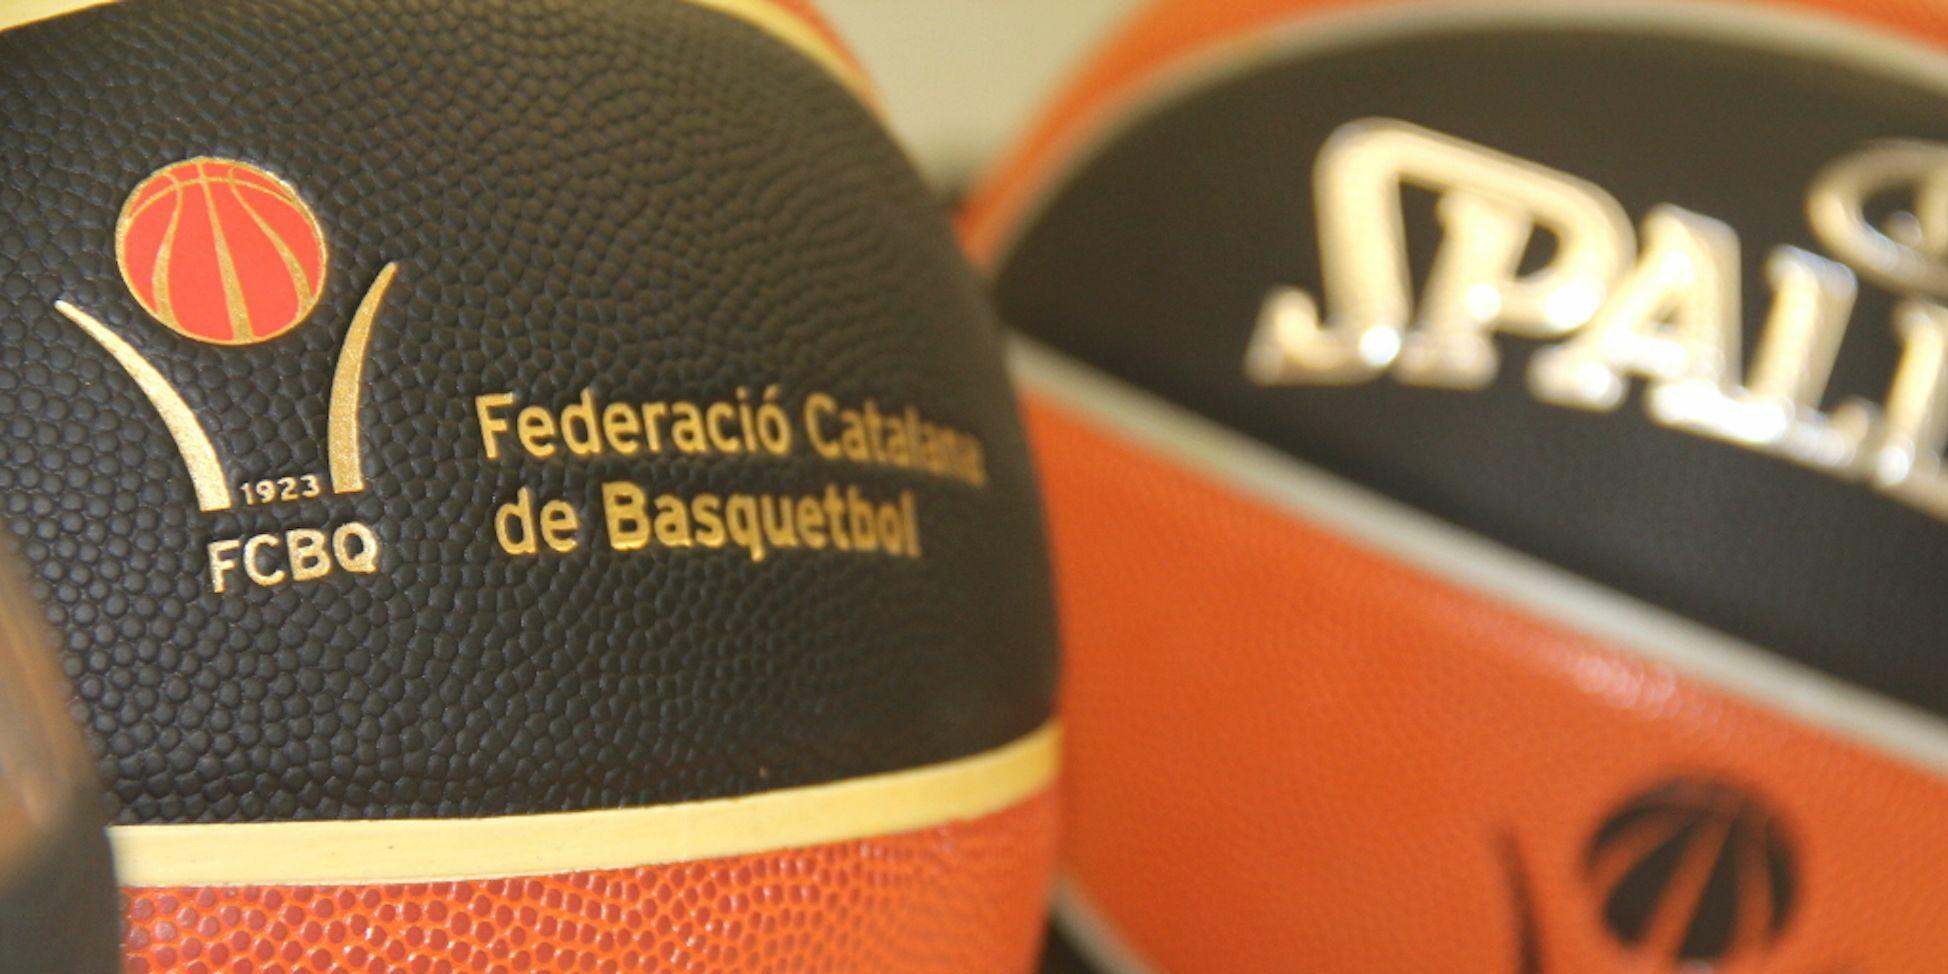 Pilotes de bàsquet, en arxiu | Federació Catalana de Basquetbol